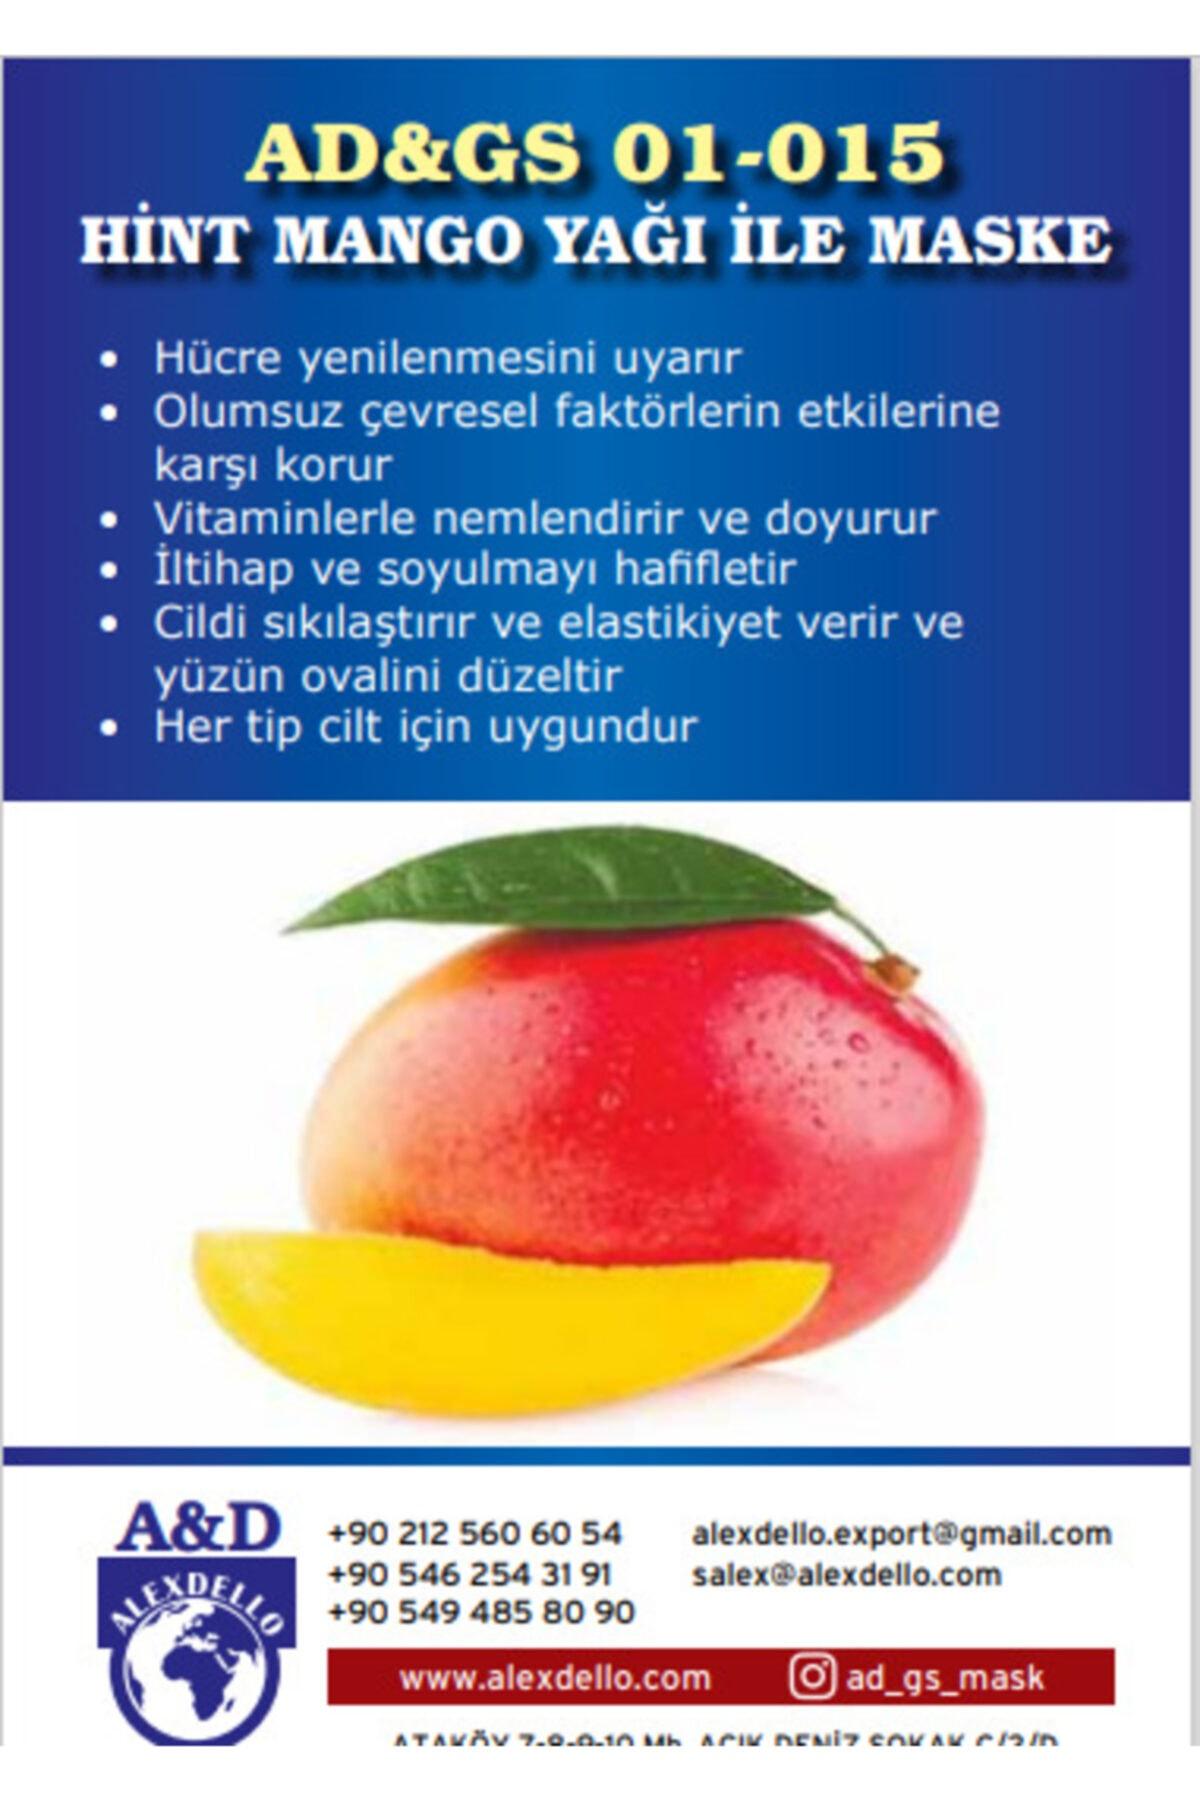 ALEXDELLO YÜZ BAKIM MASKE Hint Mango Yağı Ile Maske 1